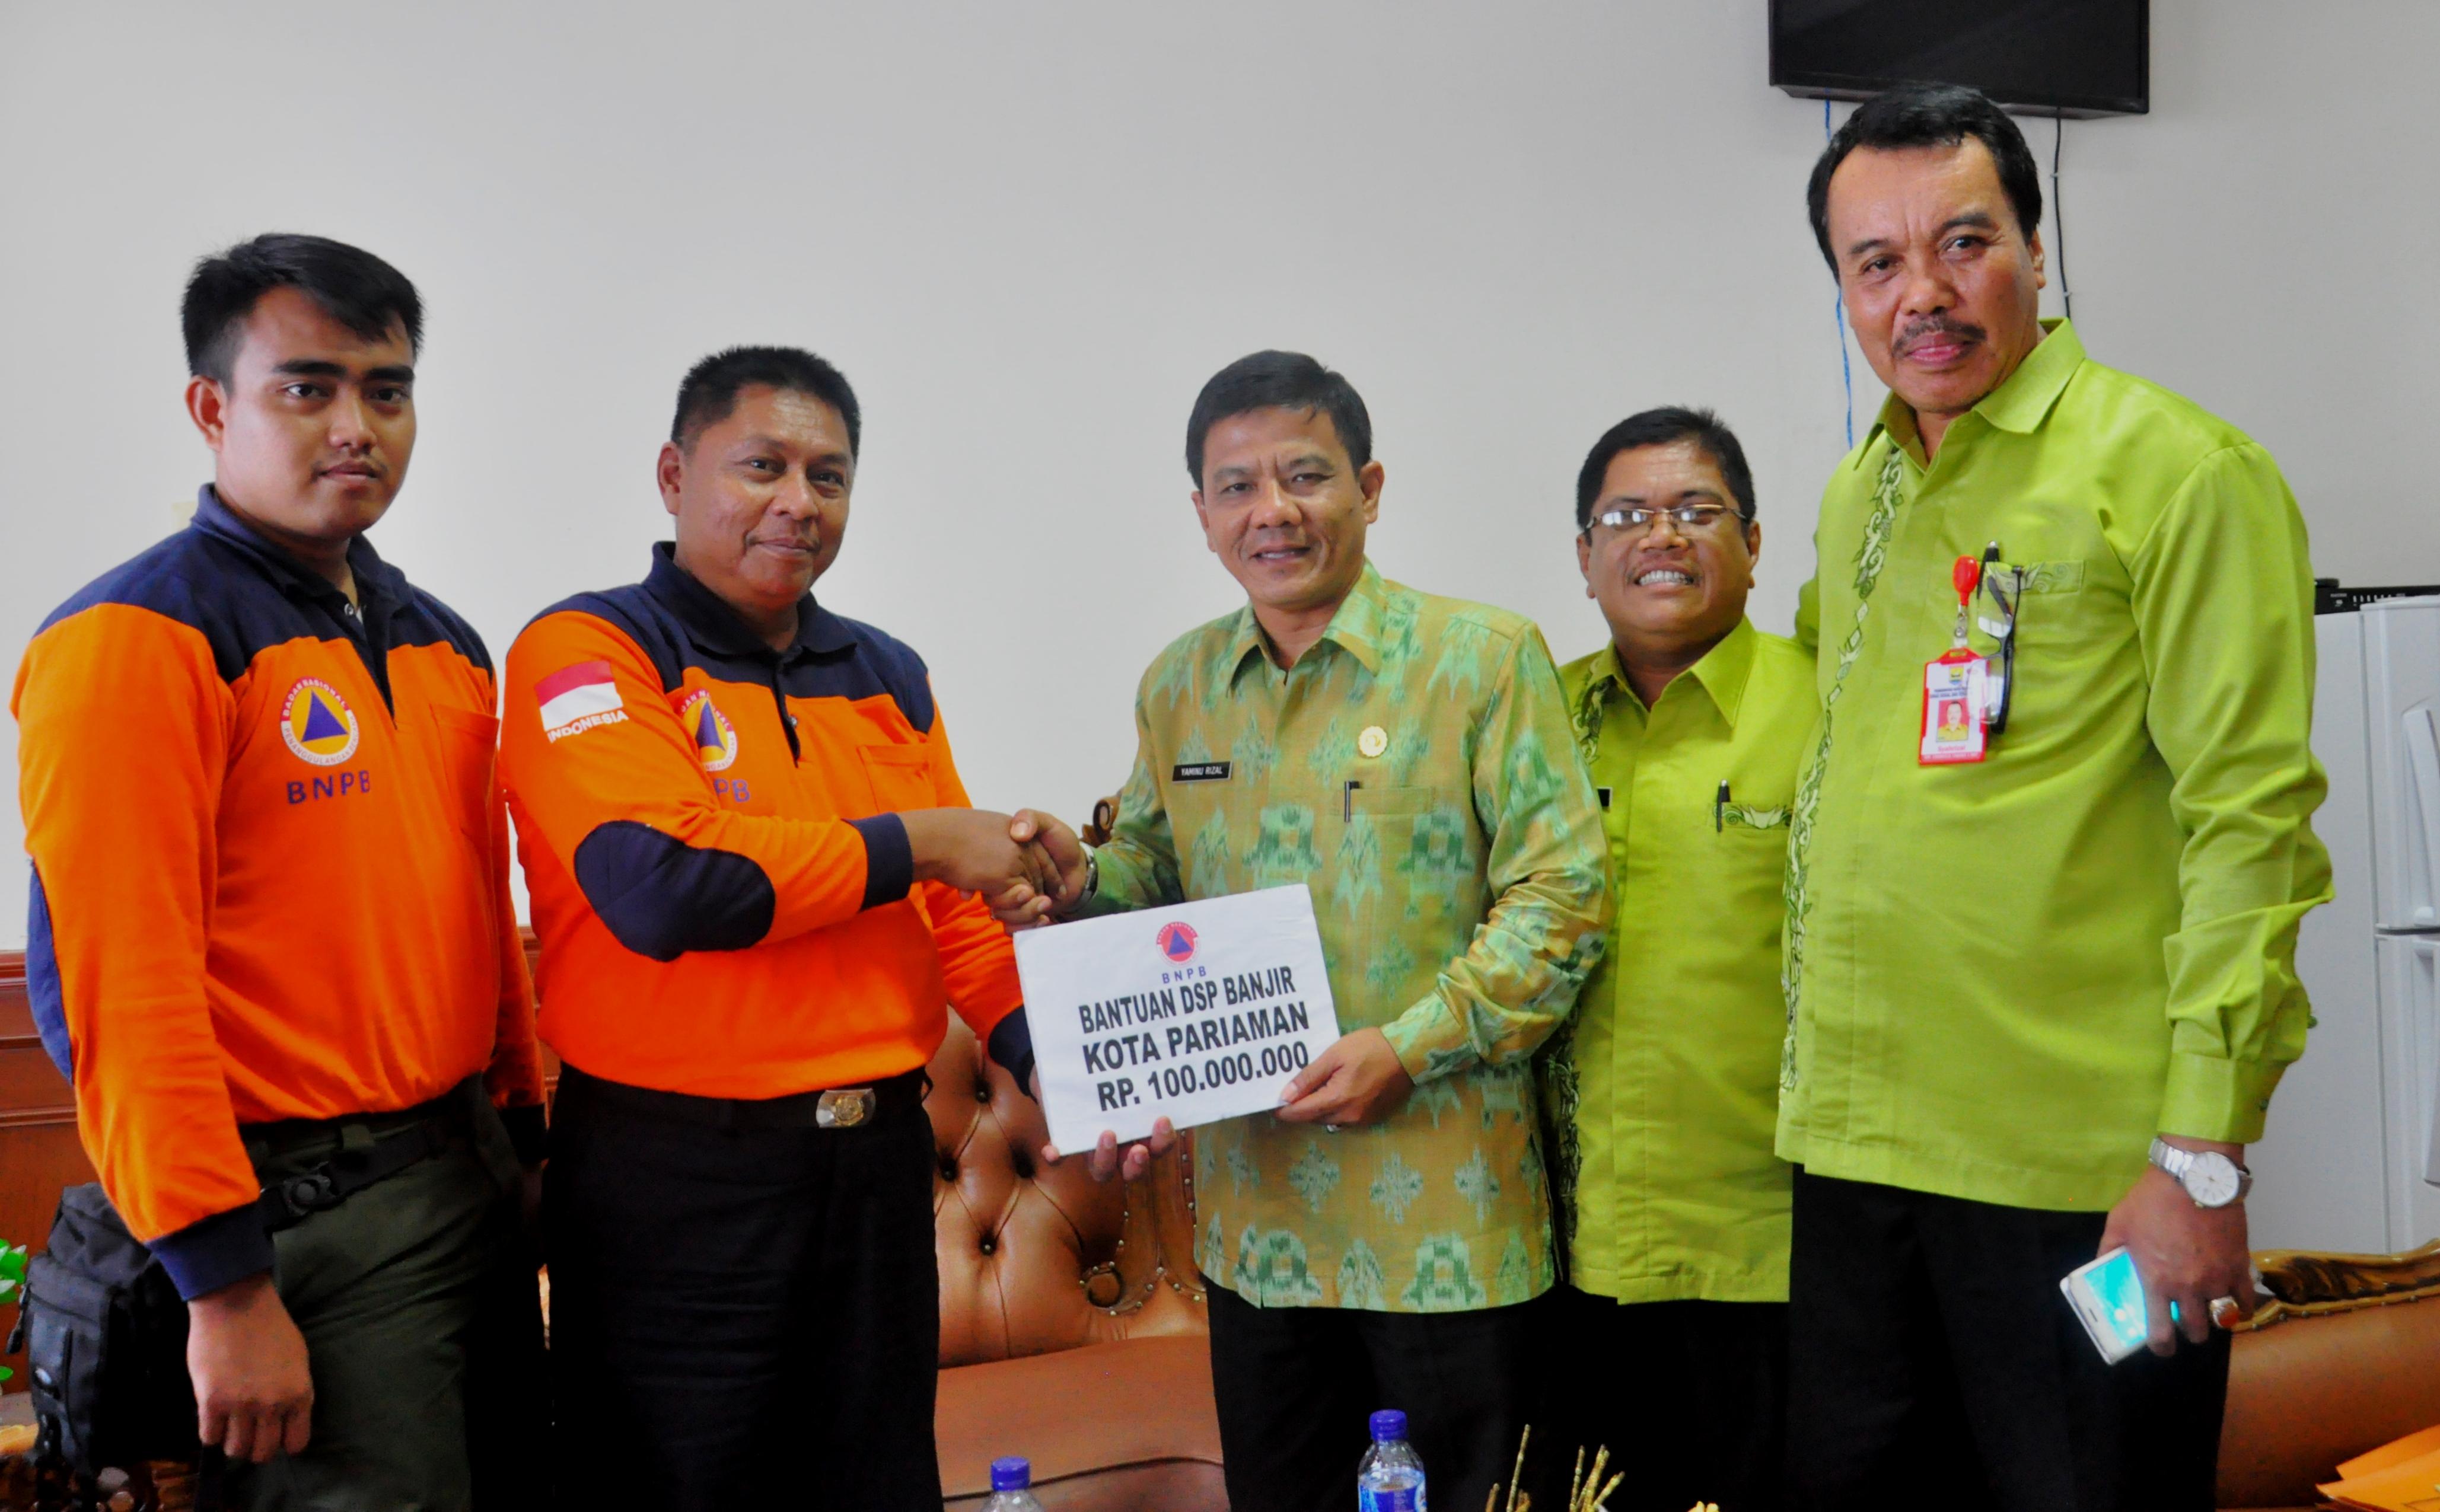 yaminu rizal terima bantuan dari BNPB pusat